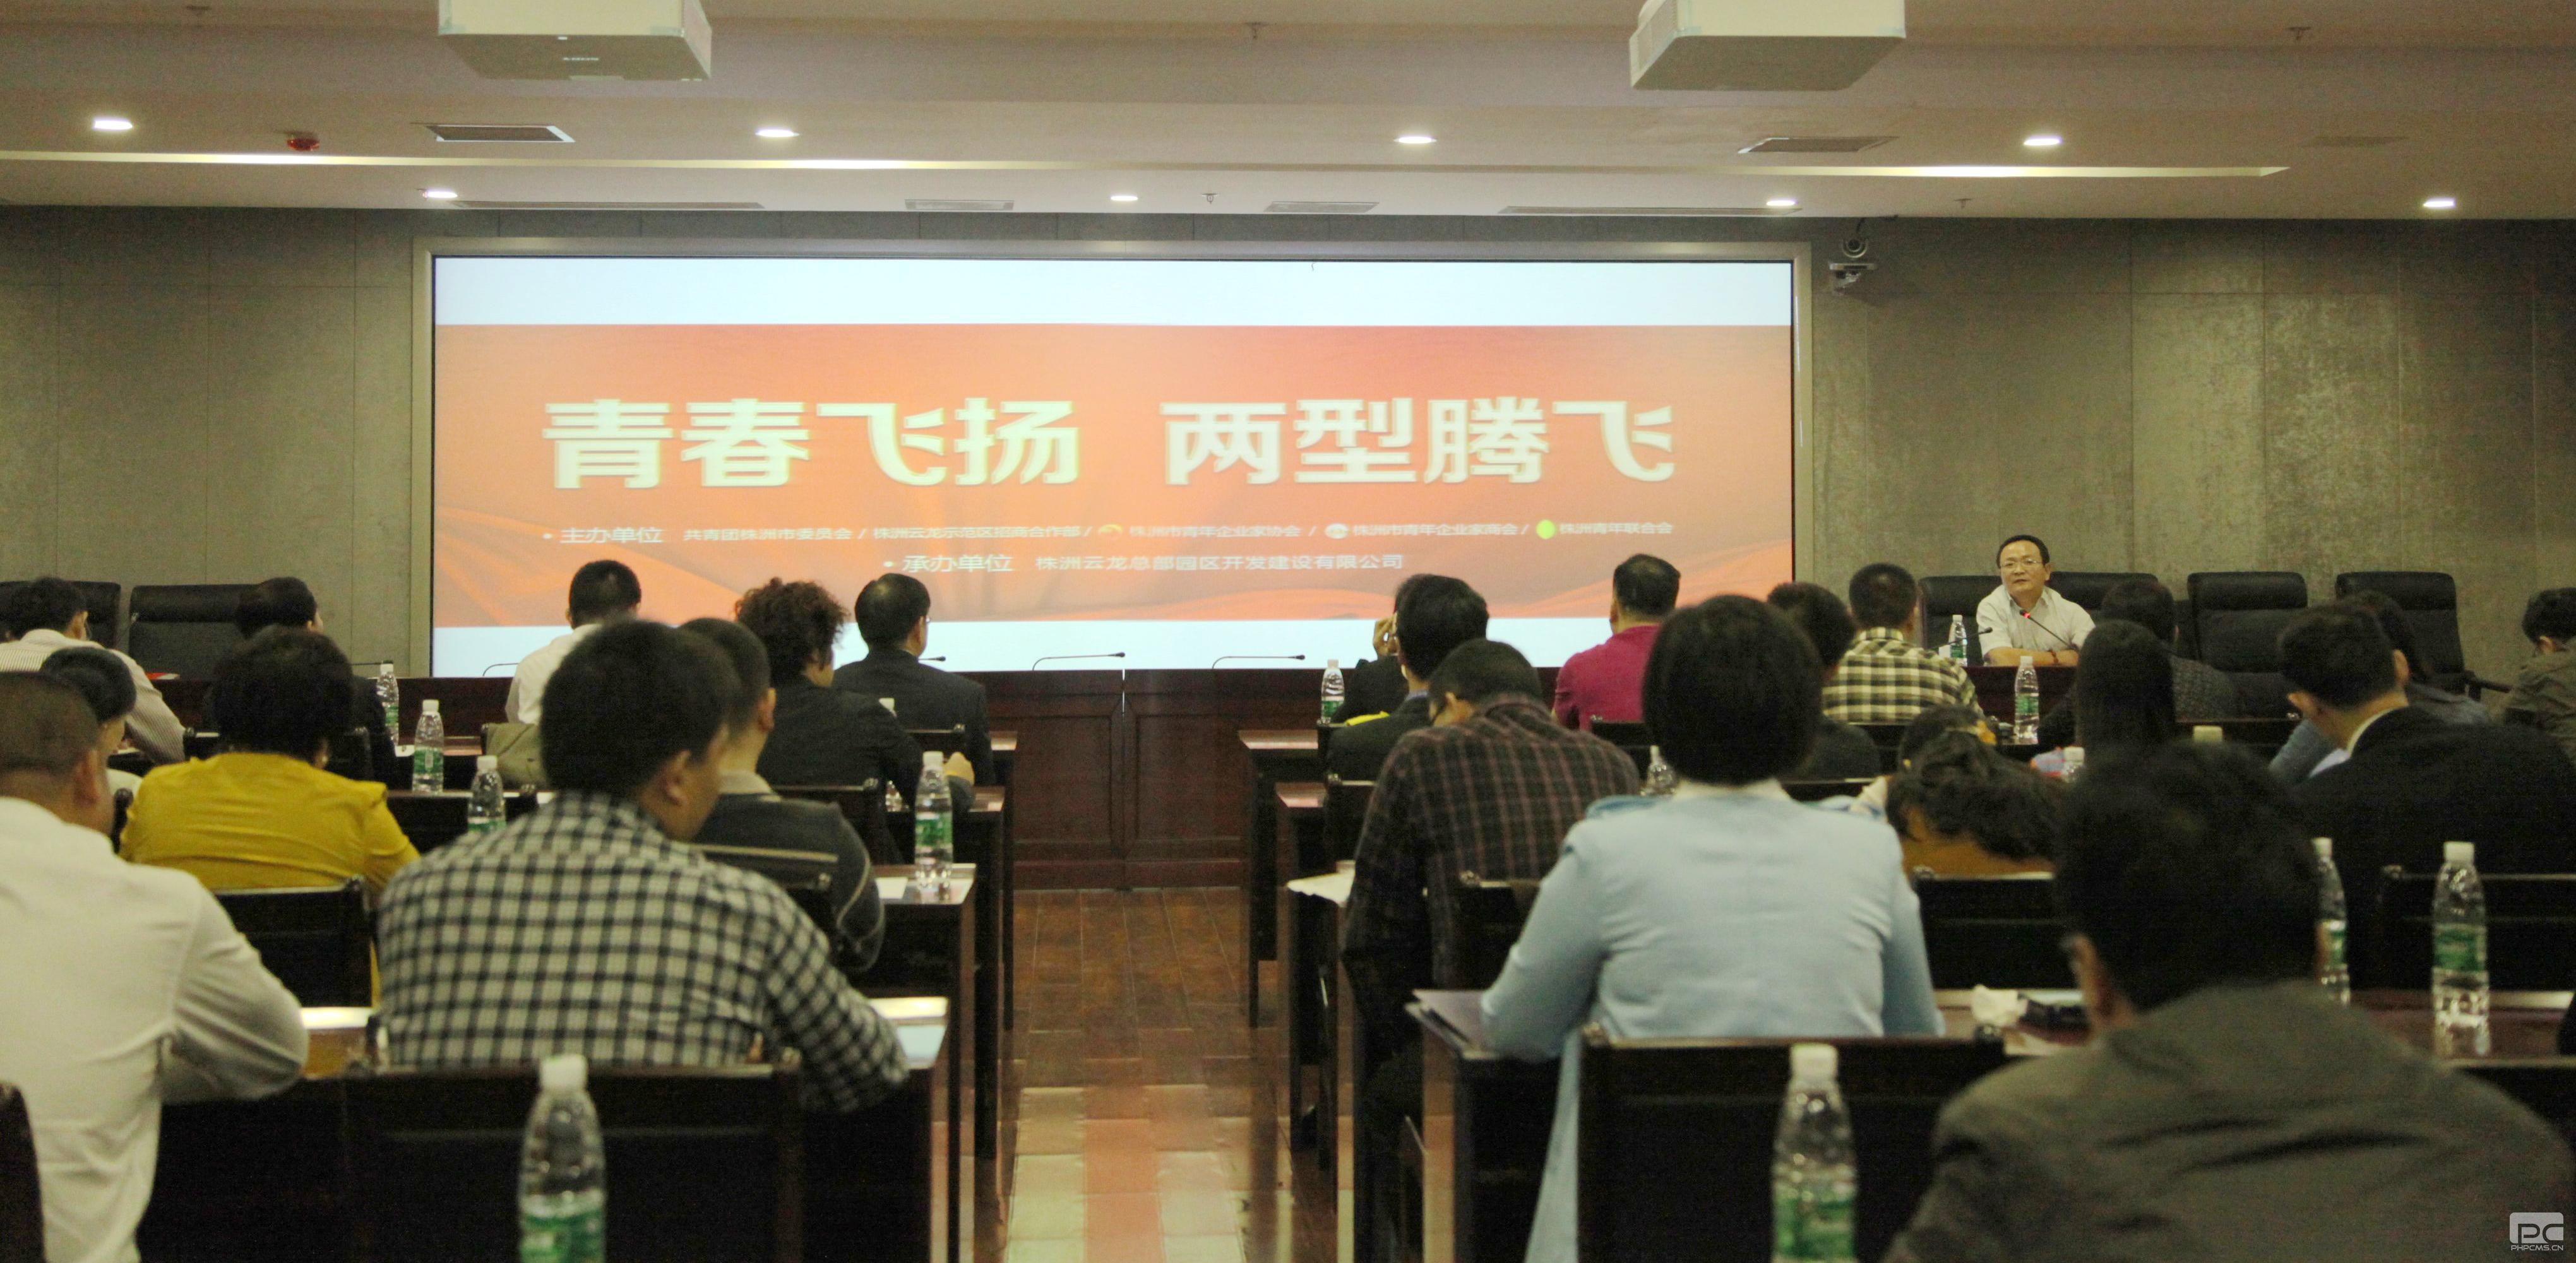 湖南省青联组织召开经济界别委员学习宣传贯彻 党的十八大精神座谈会